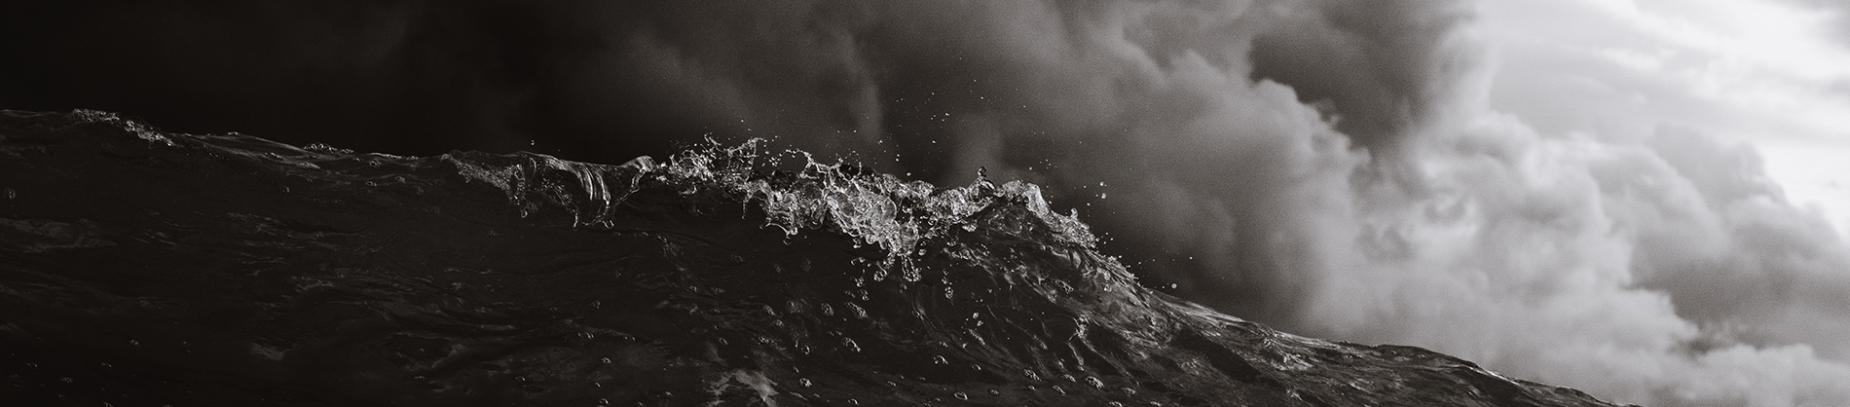 Black and white photo of waves crashing